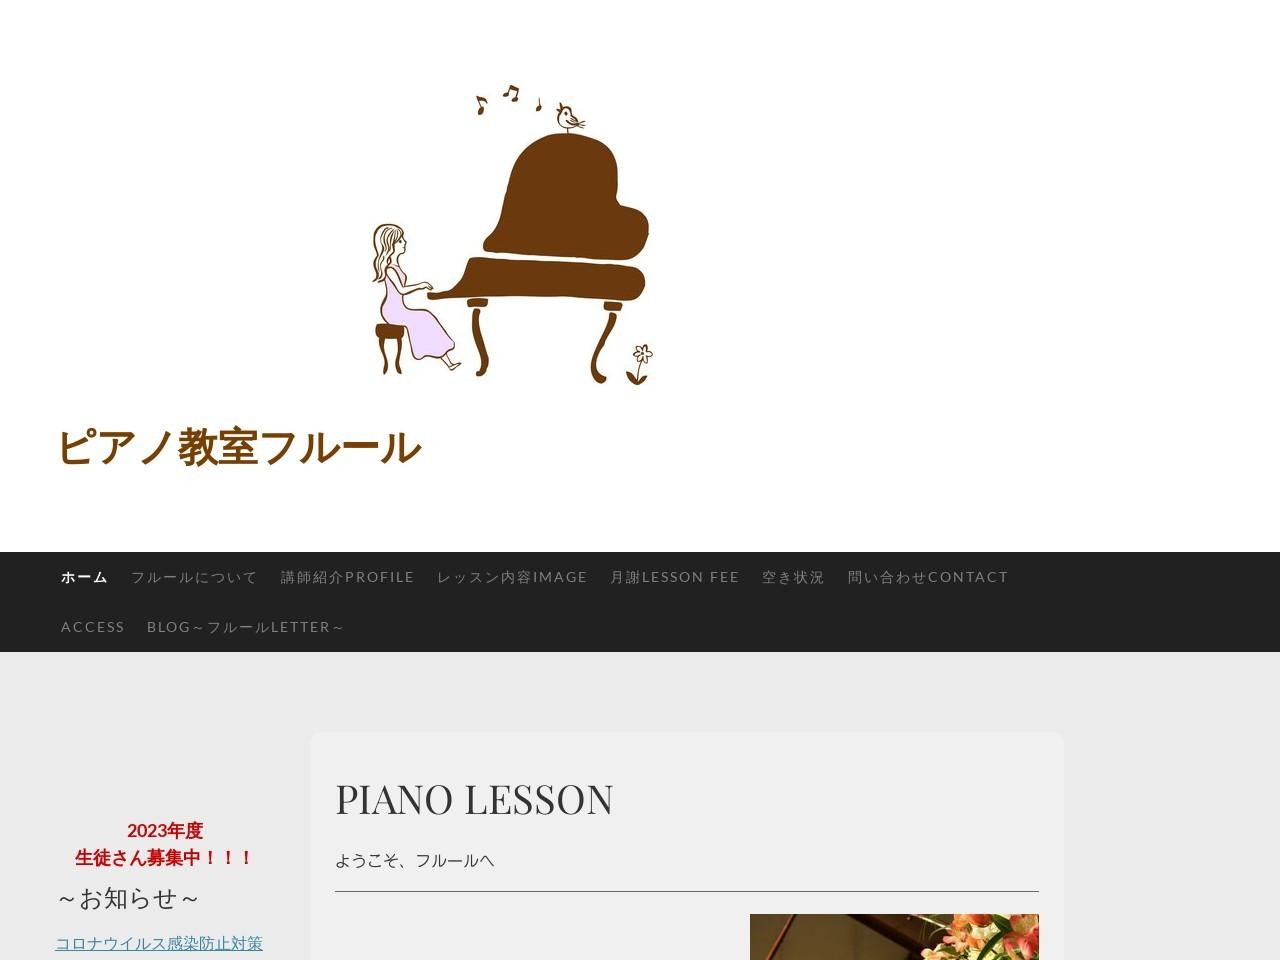 ピアノ教室フルールのサムネイル